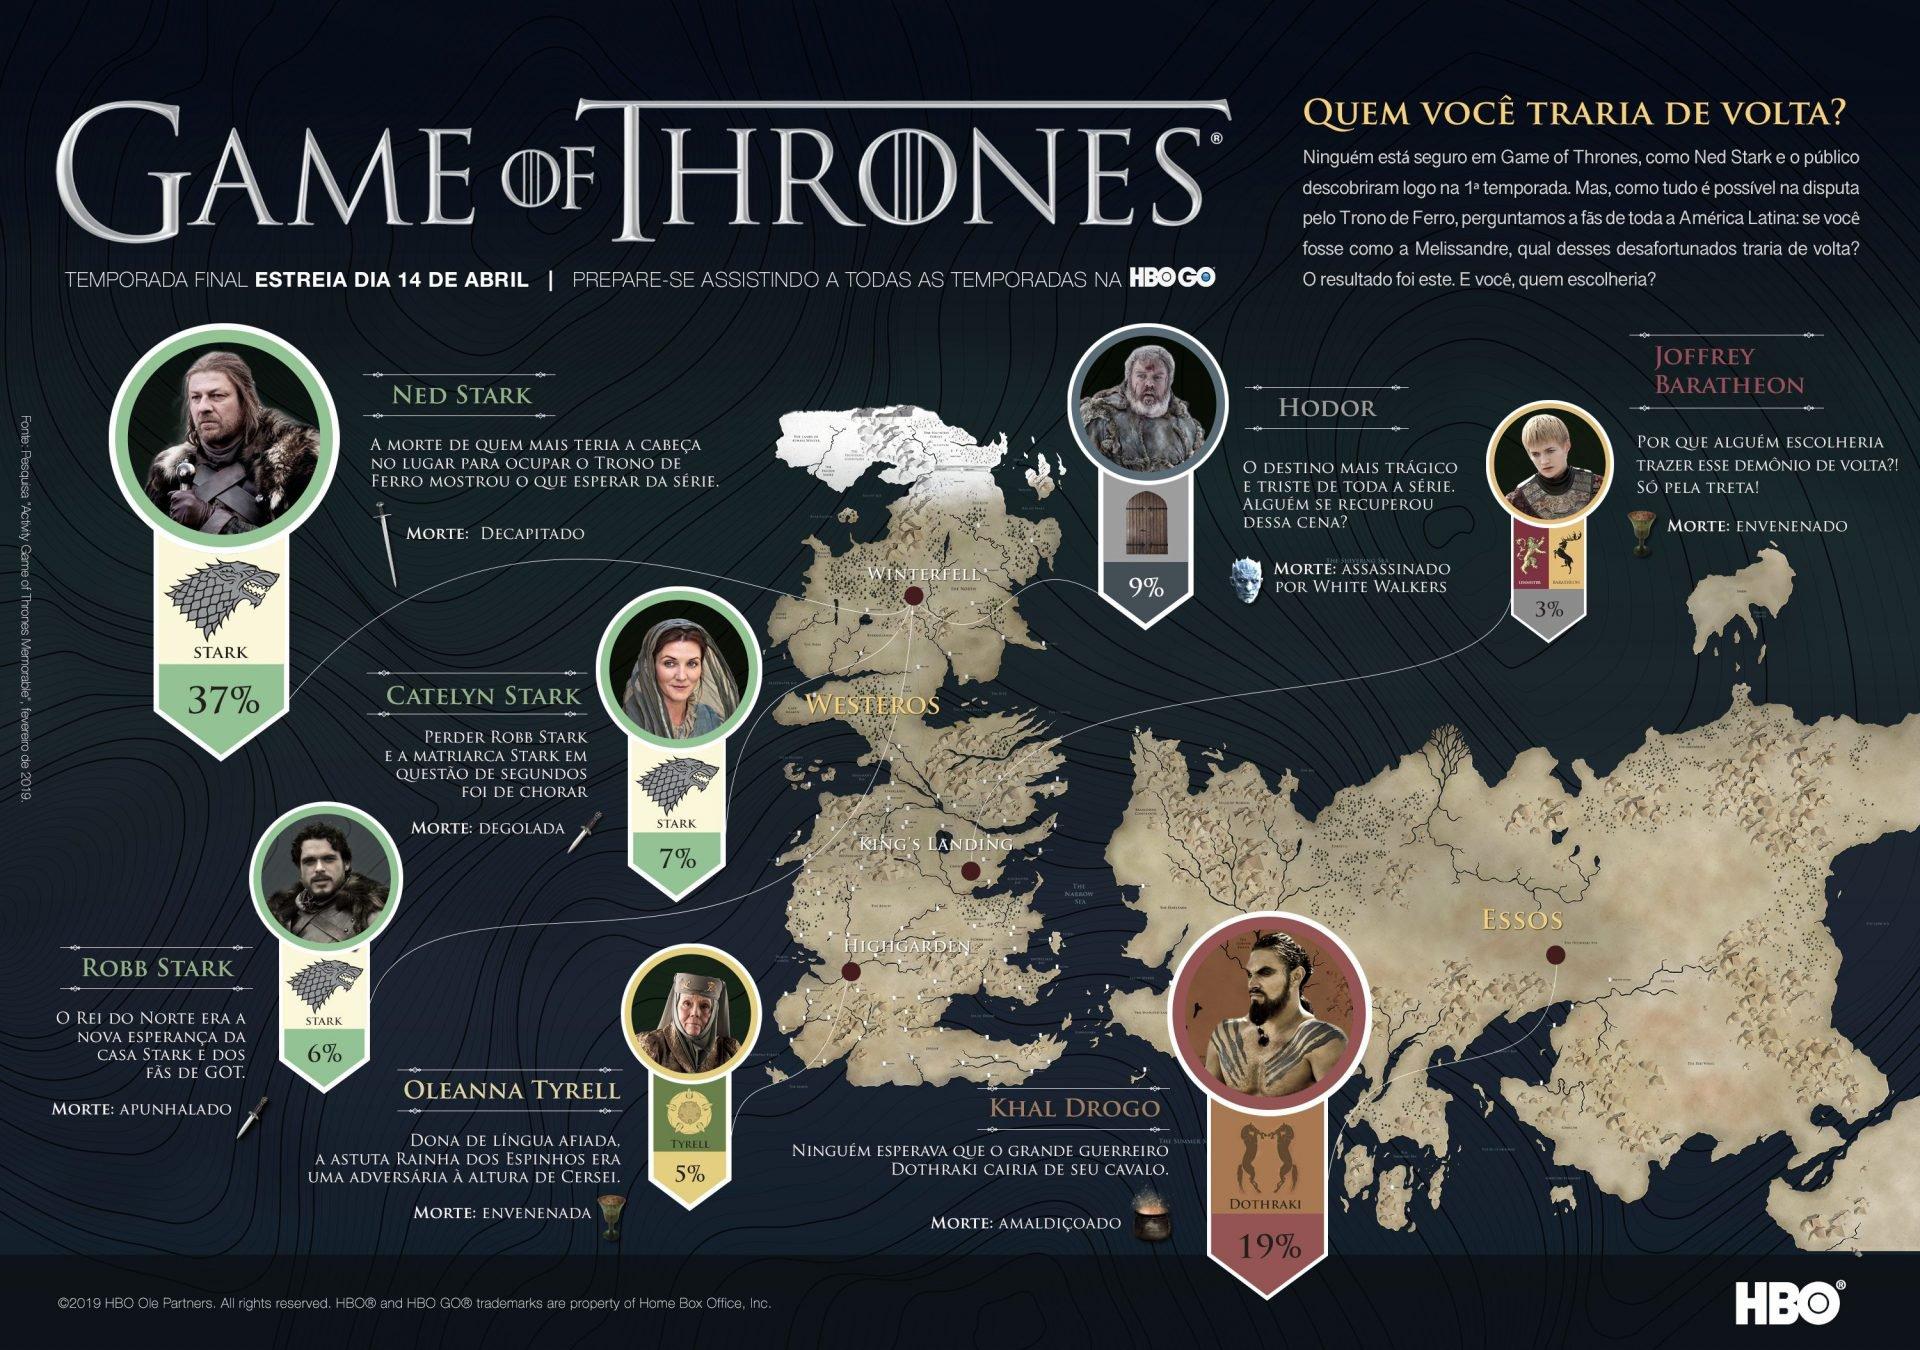 Pesquisa de Game of Thrones revelou qual personagem os fãs mais gostariam que voltasse